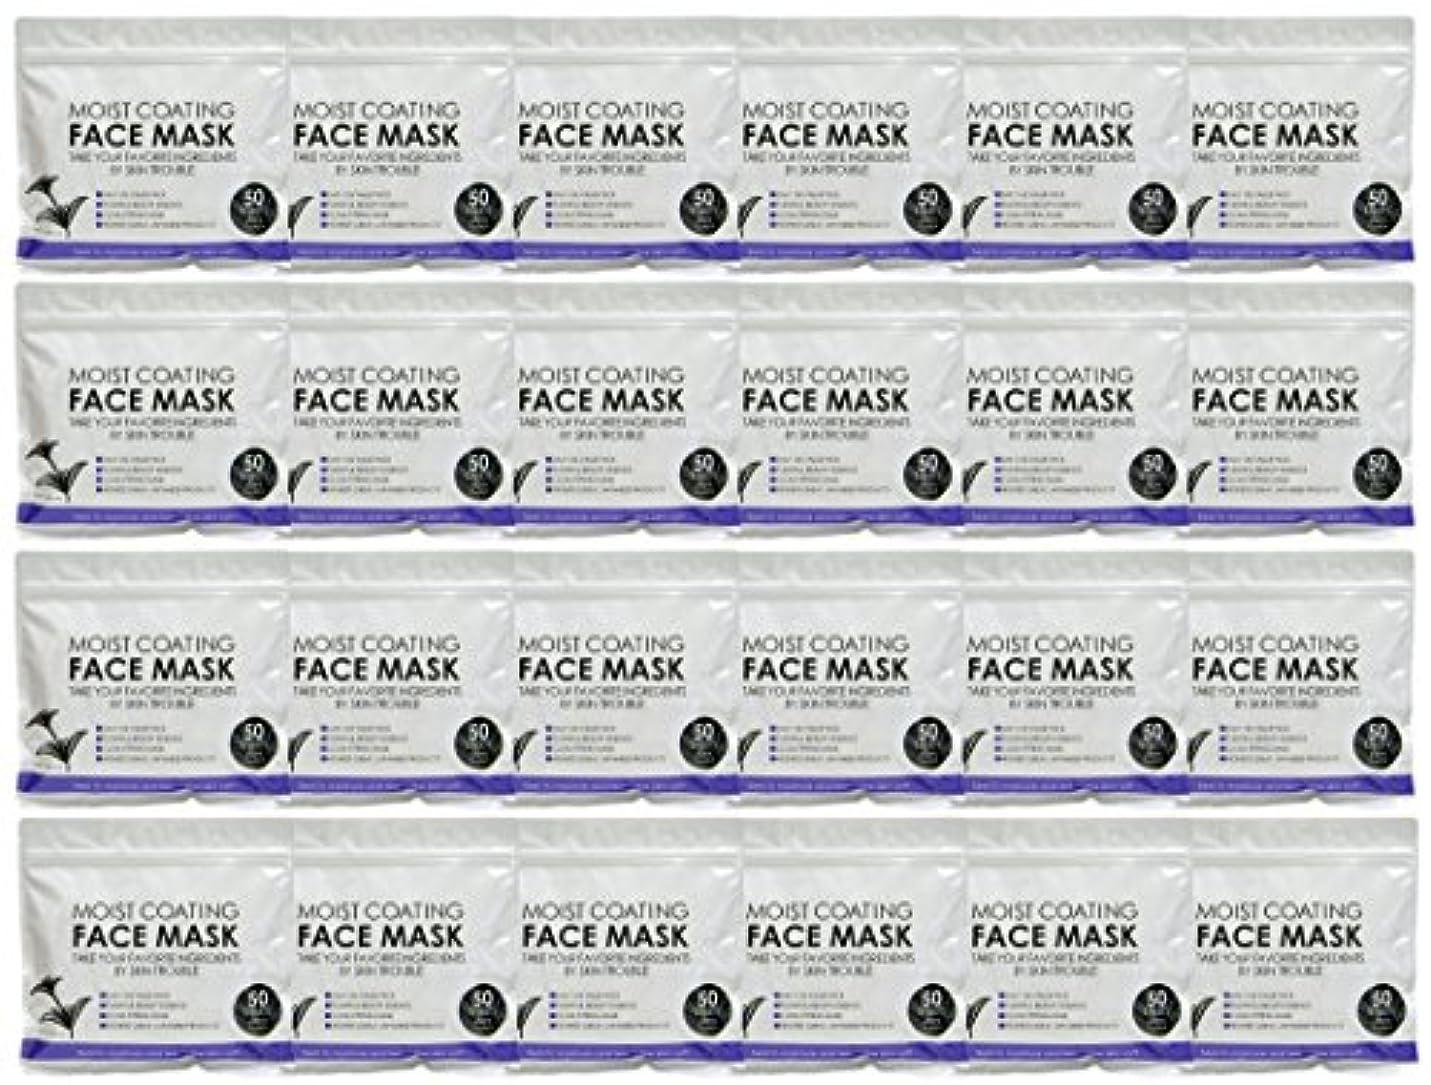 評判禁止する存在する【Amazon.co.jp限定】フェイスマスク ハトムギエキス 50枚入 ×24個セット